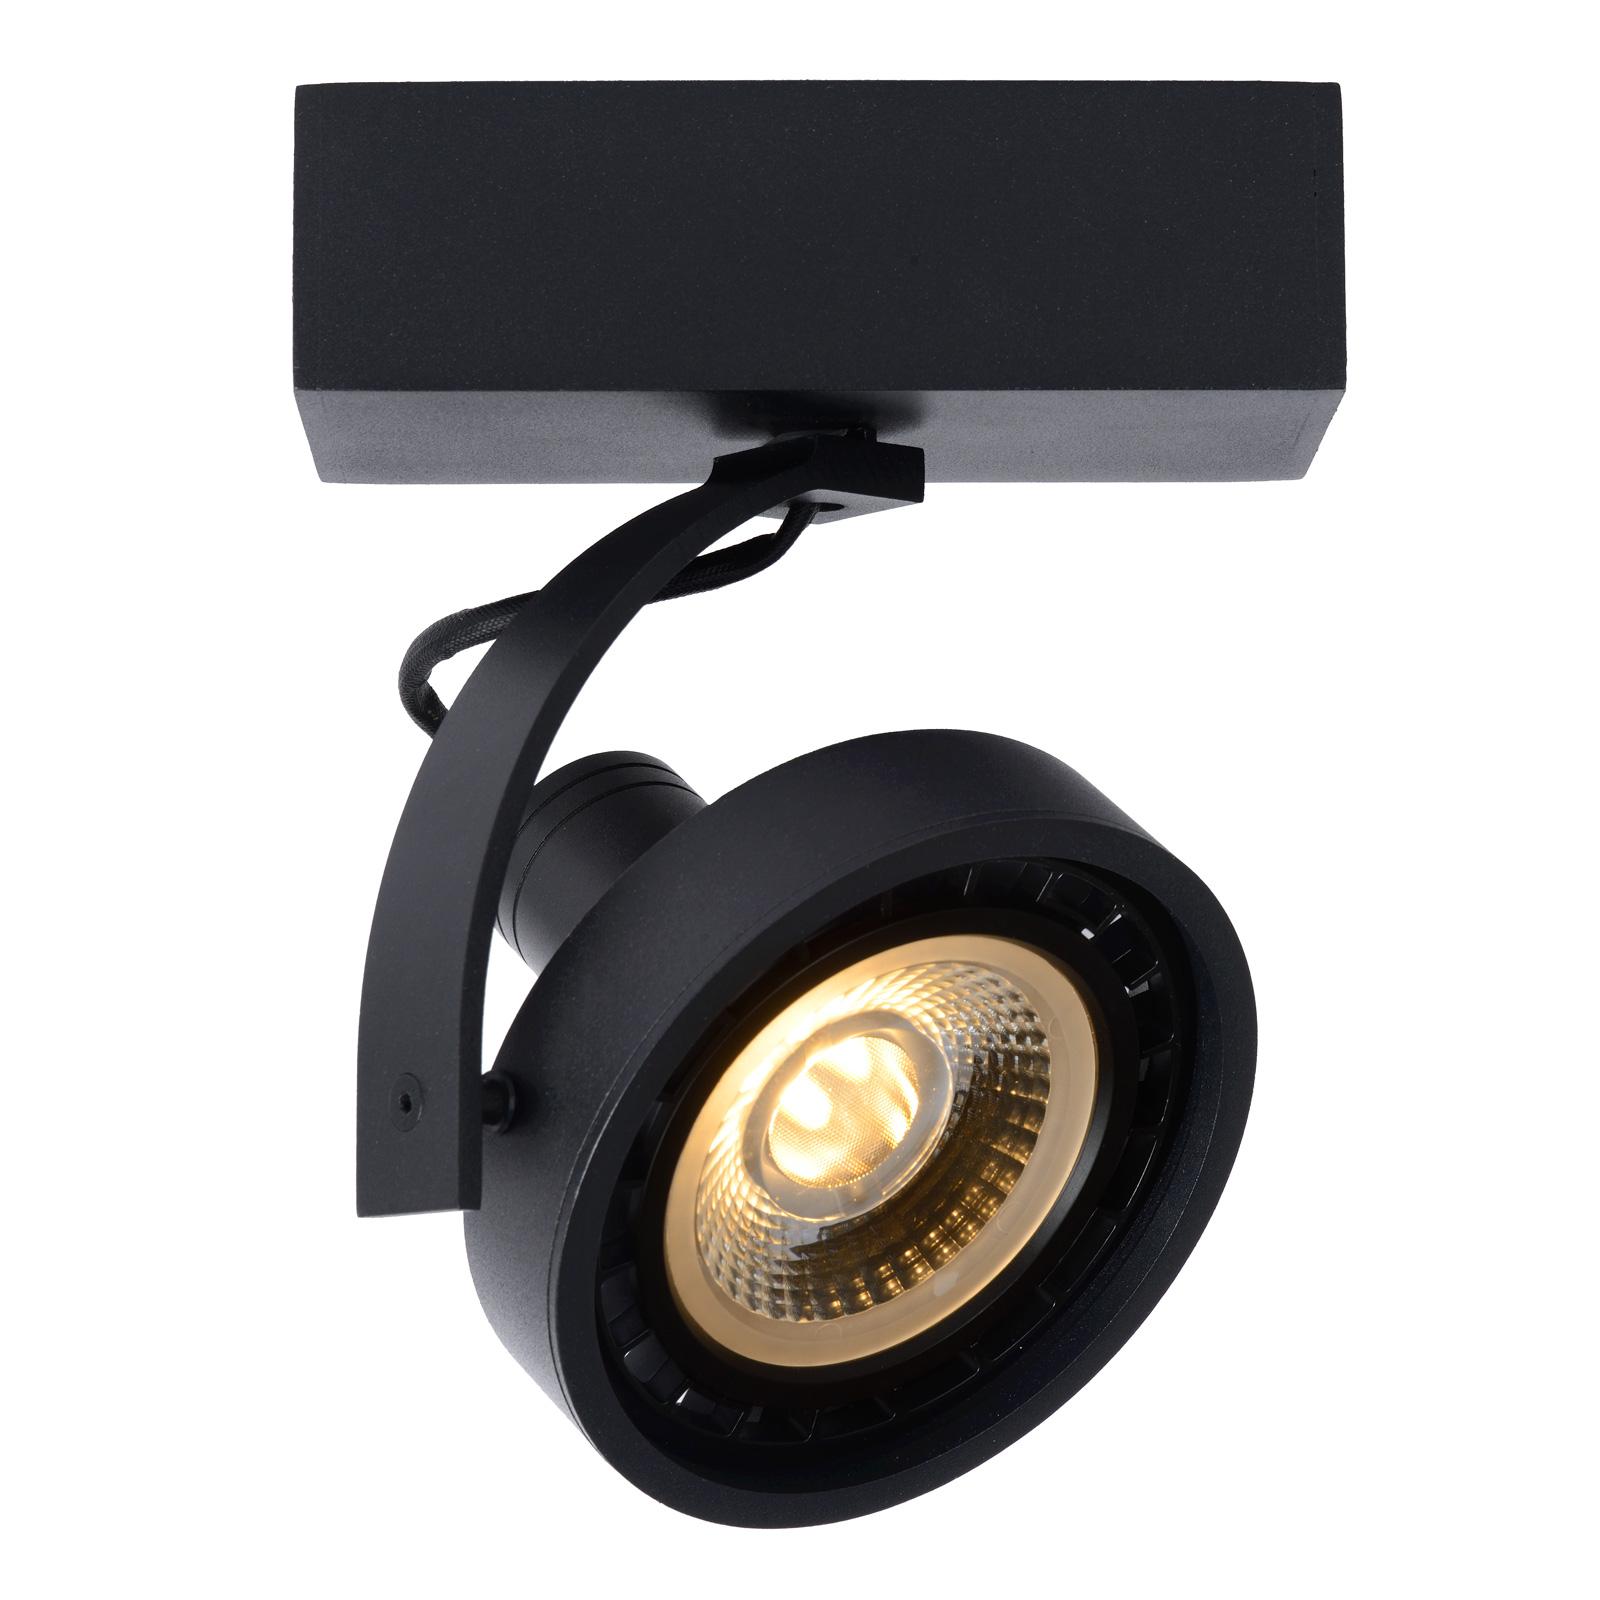 LED-Deckenstrahler Dorian, einflammig, dim to warm